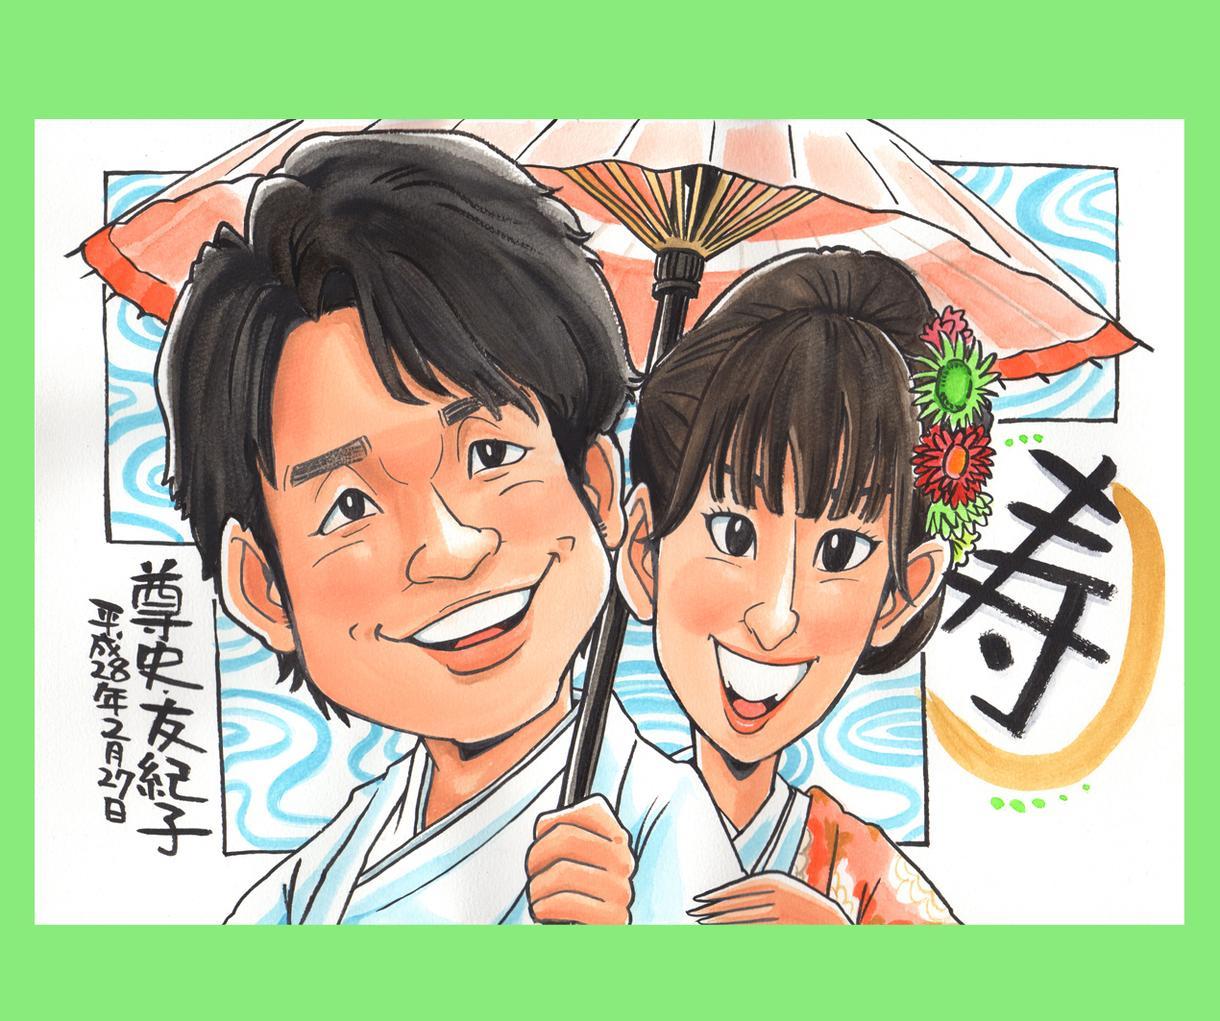 「あたたかみ」のある【手描きのウェルカムボード】!!実績12万人のプロの似顔絵師が描きます!!